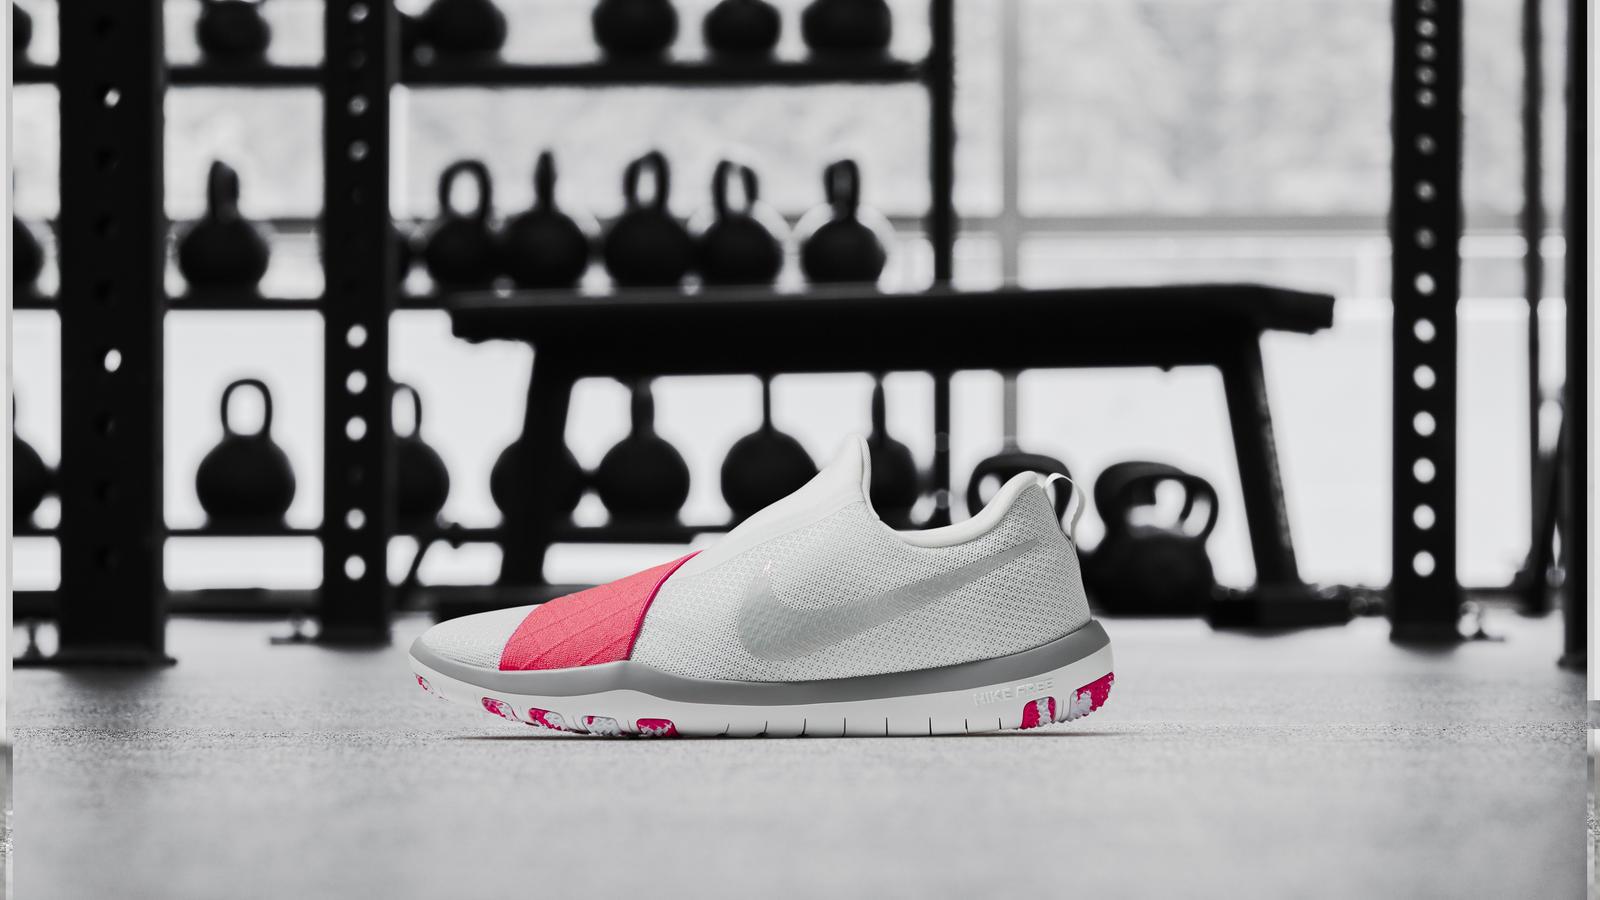 Nike news sneaker feed wms trn wht pnk 2555 hd 1600